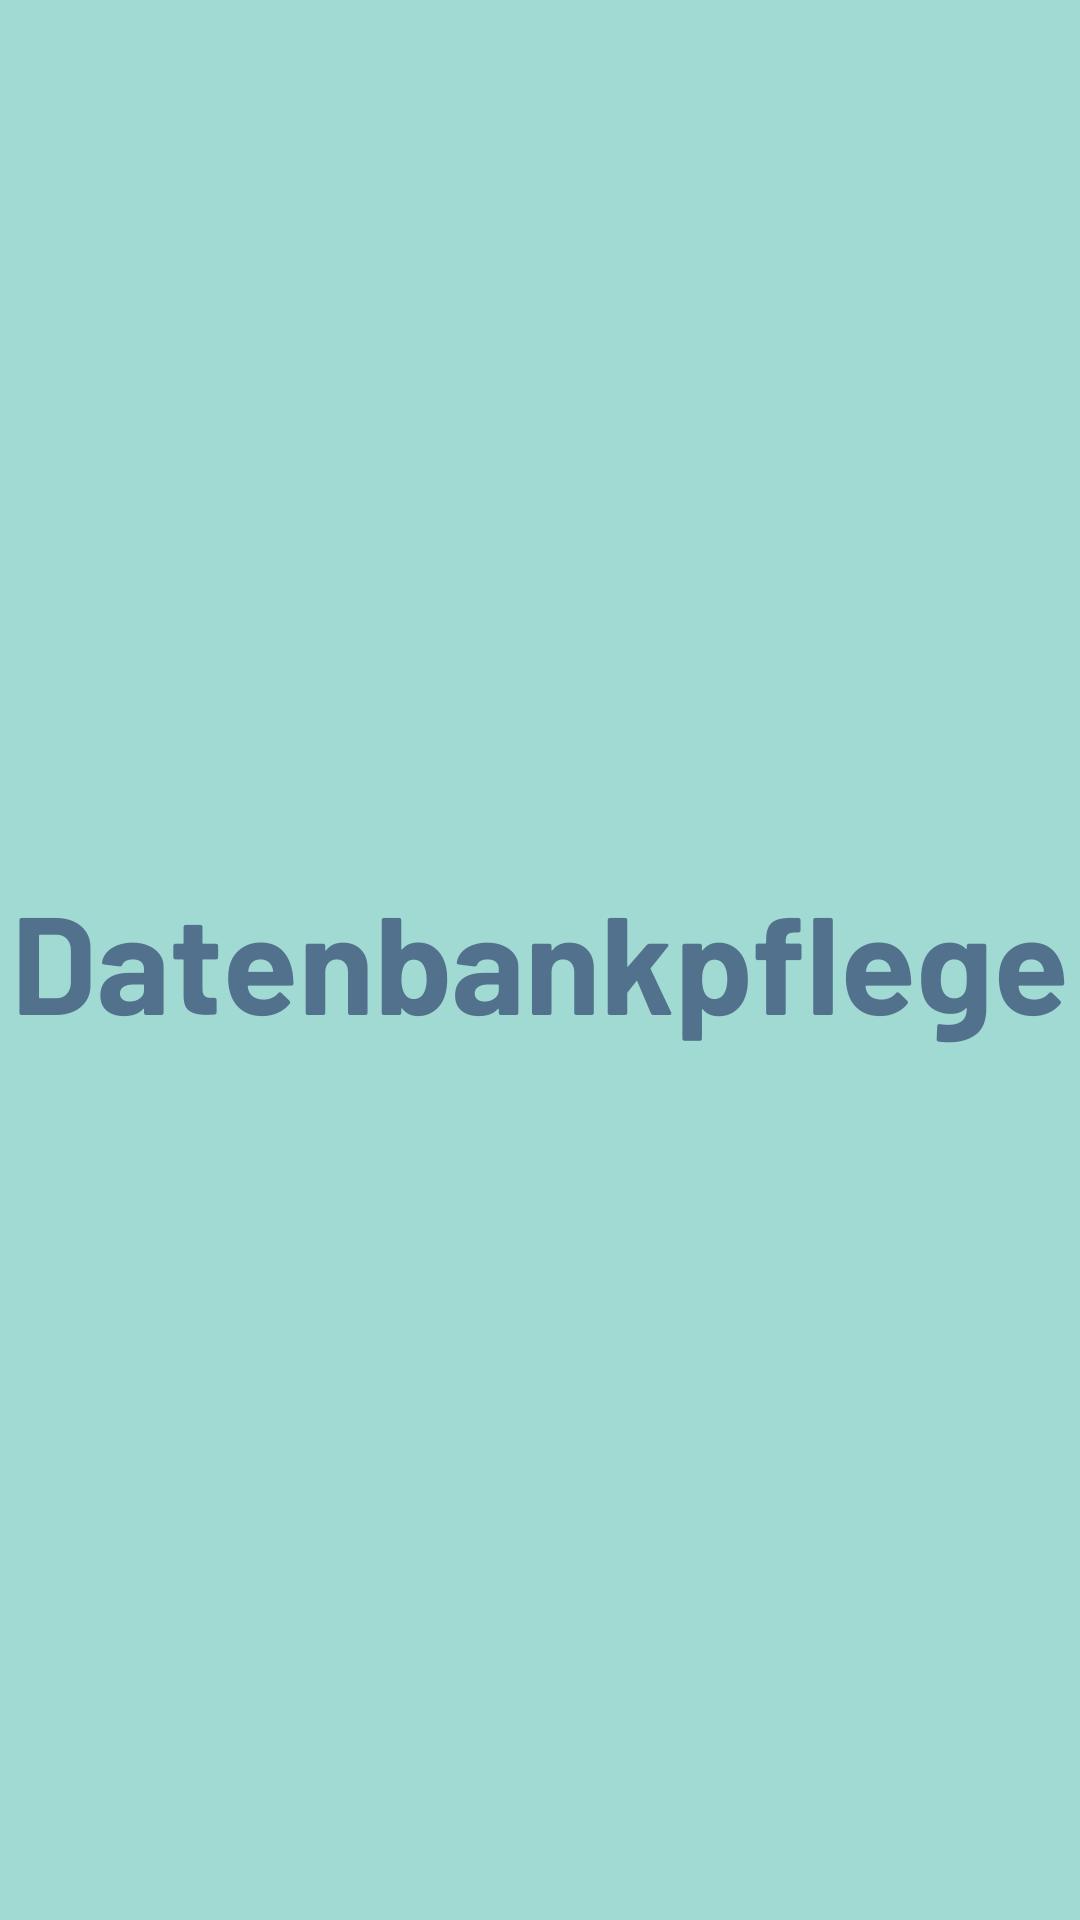 Datenbank Text